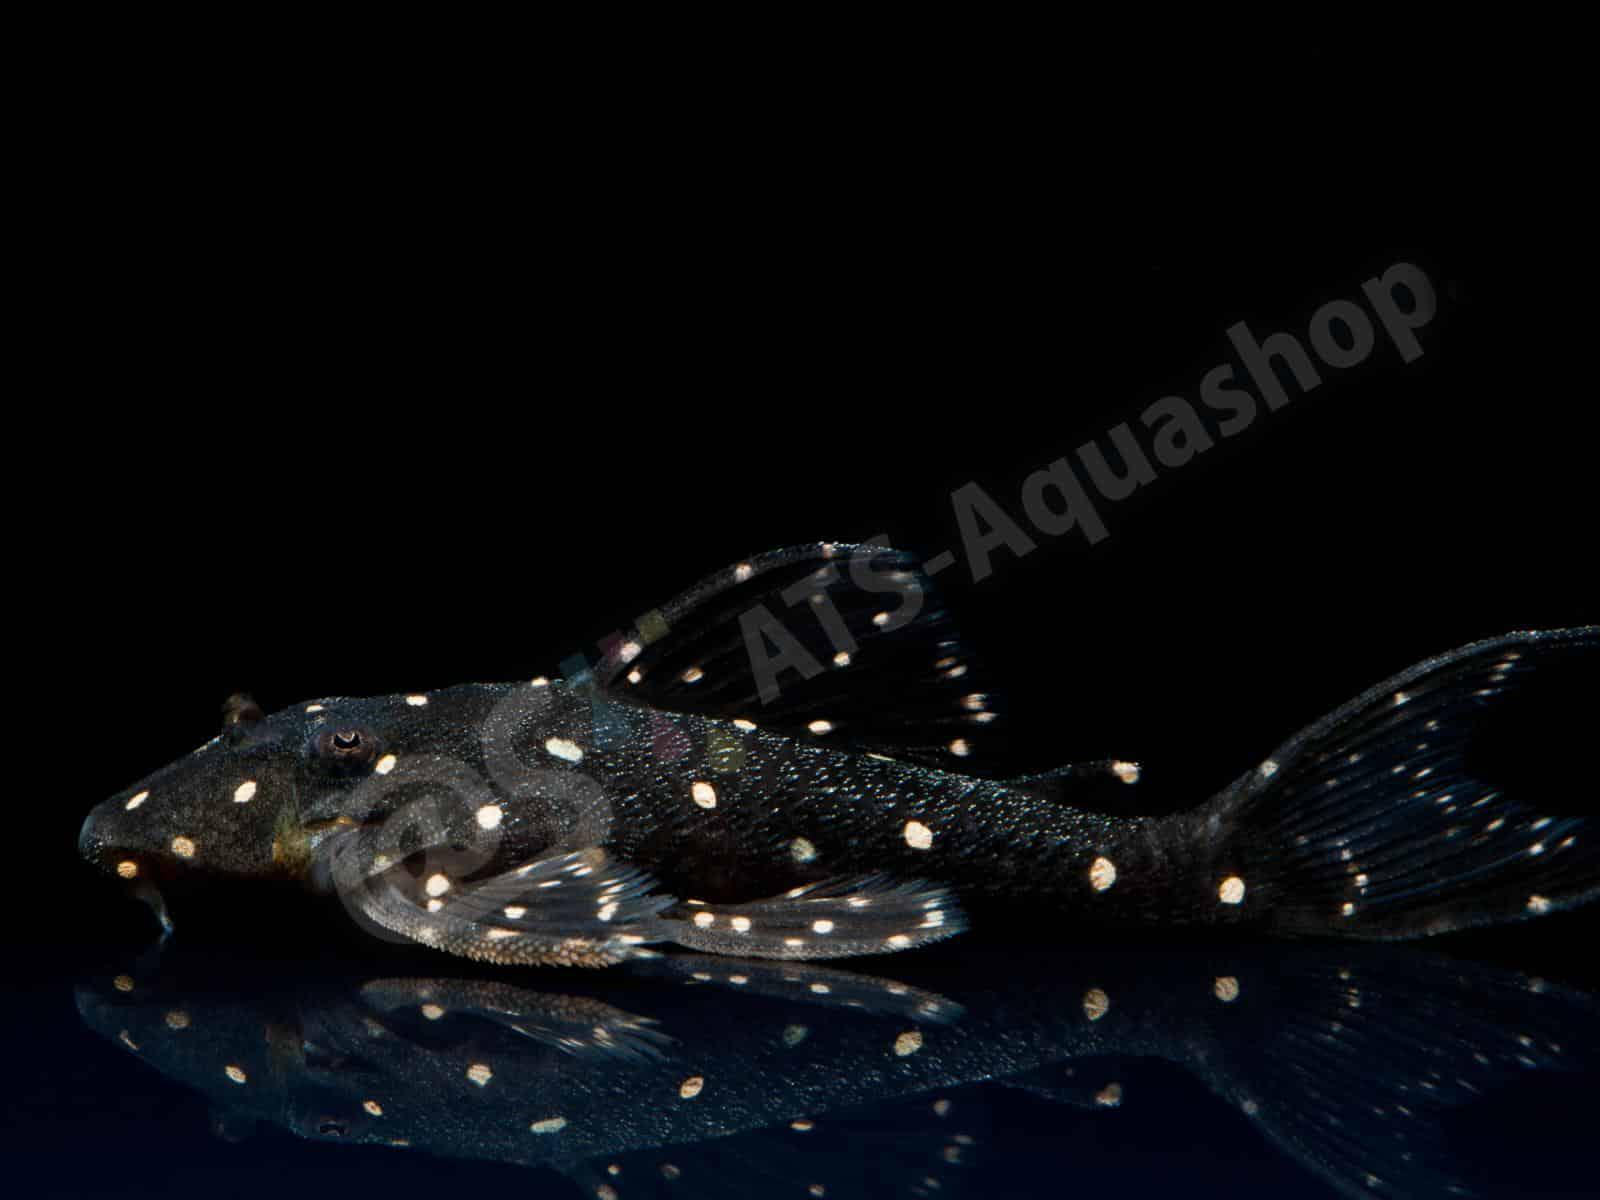 panaqolus albomaculatus lda 31 enrico richter 0281 6